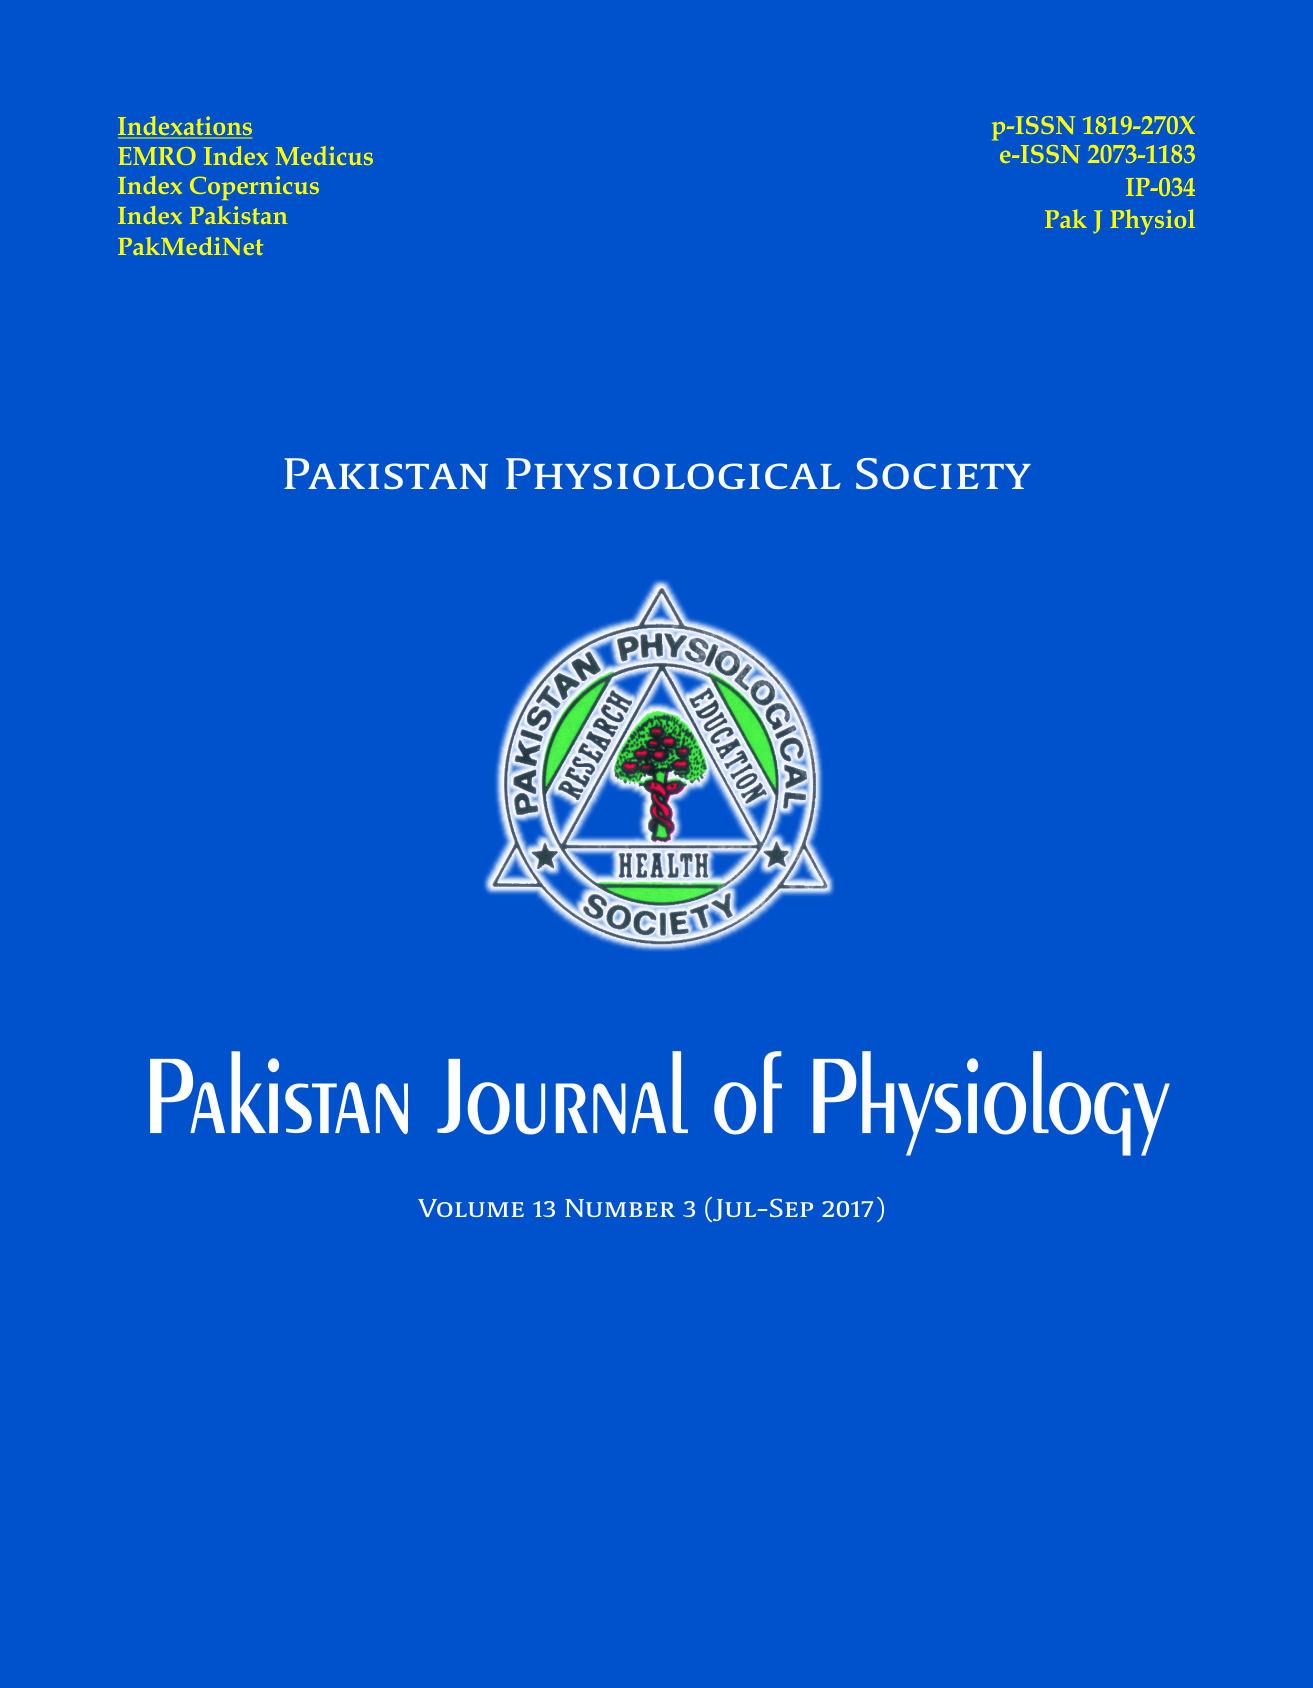 Pak J Physiol 2017;13(3)